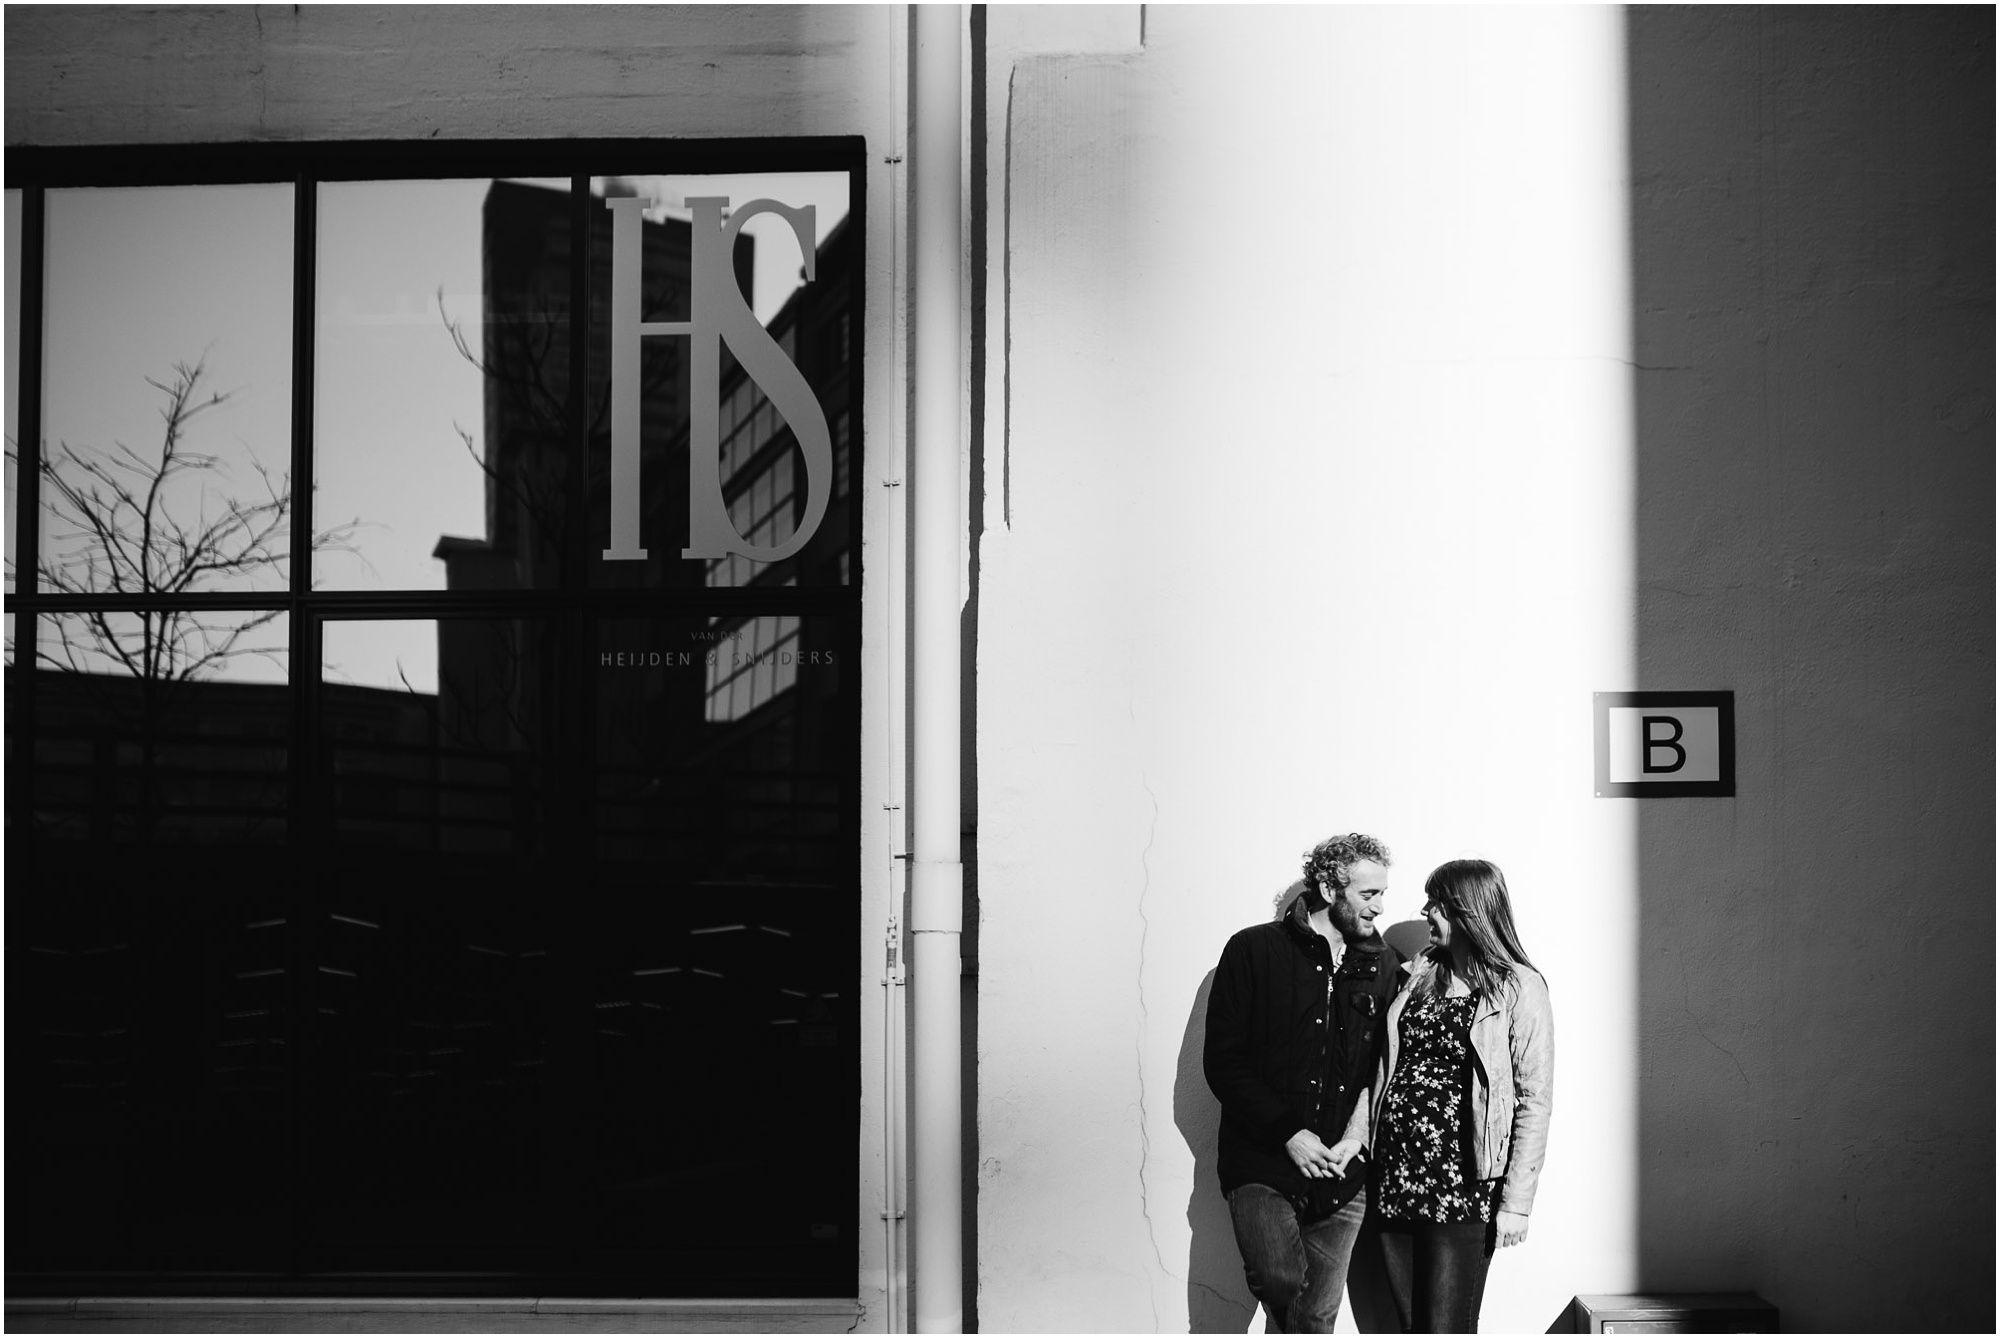 fotograaf zwangerschap Eindhoven - fotoshoot zwanger industriële locatie stoer urban stedelijk